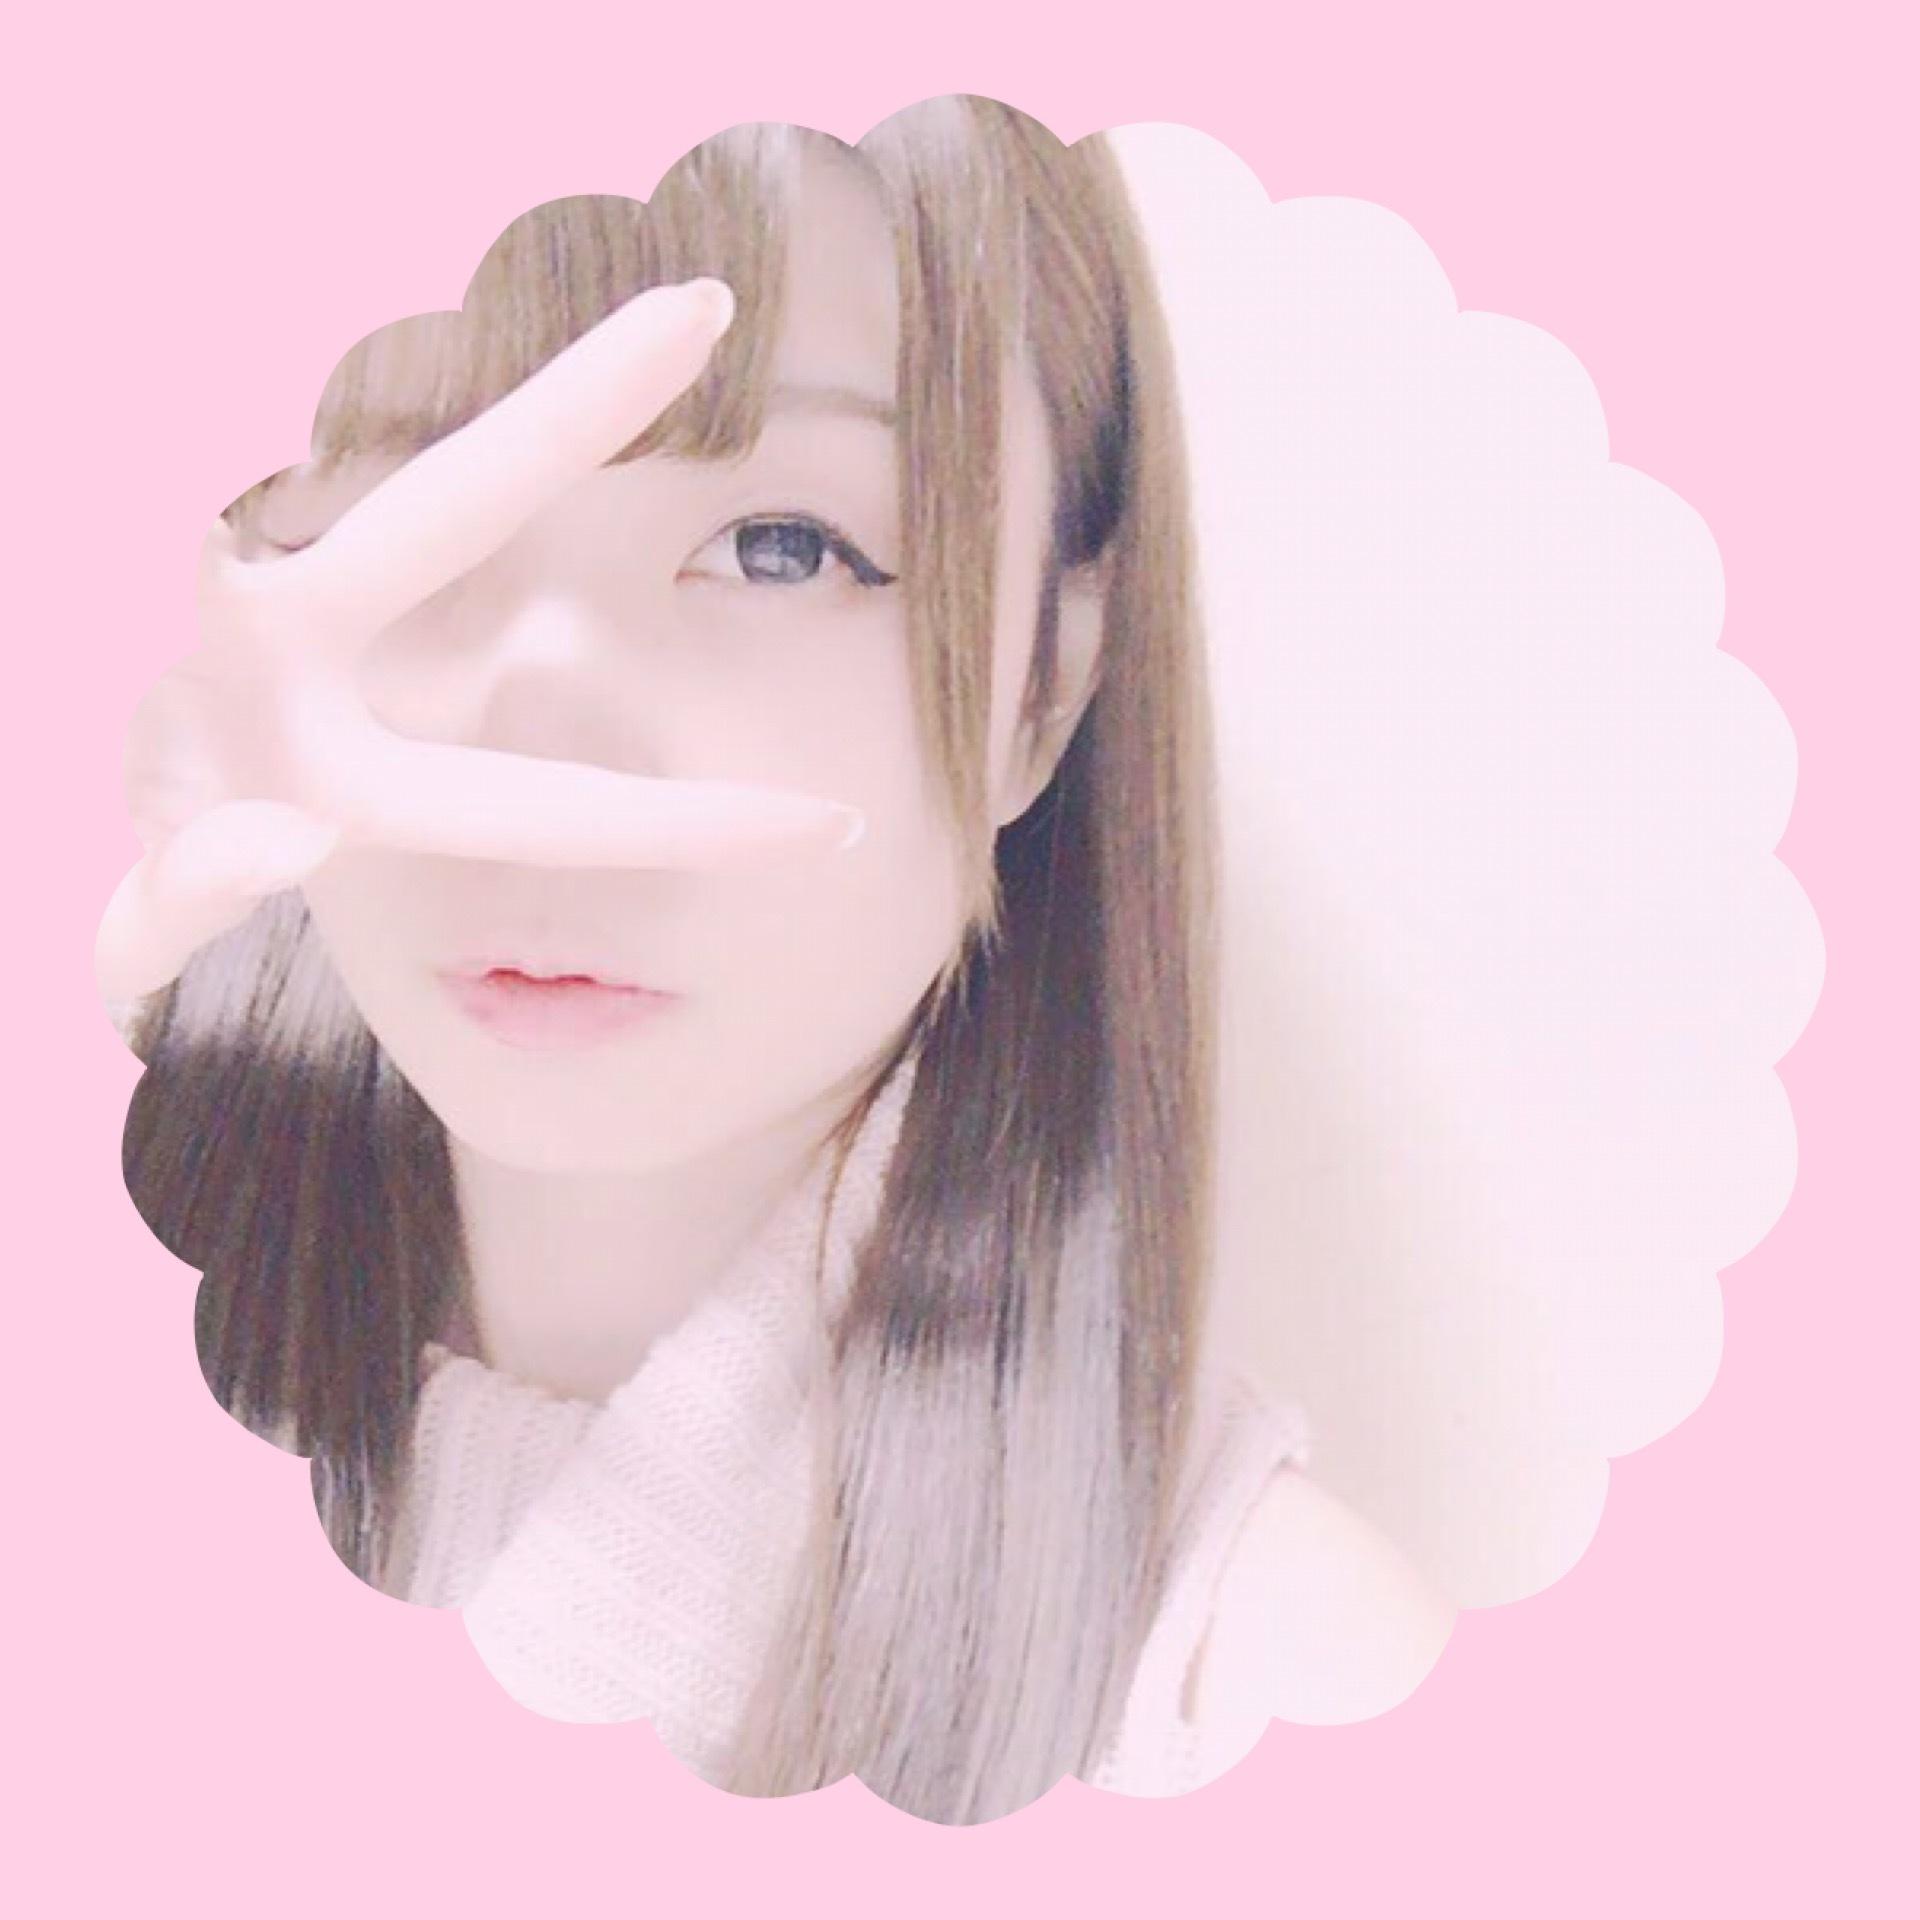 """""""インスタ映え""""にも使える!私の愛用「加工アプリ」2選 〜フレーム編〜_1_2"""